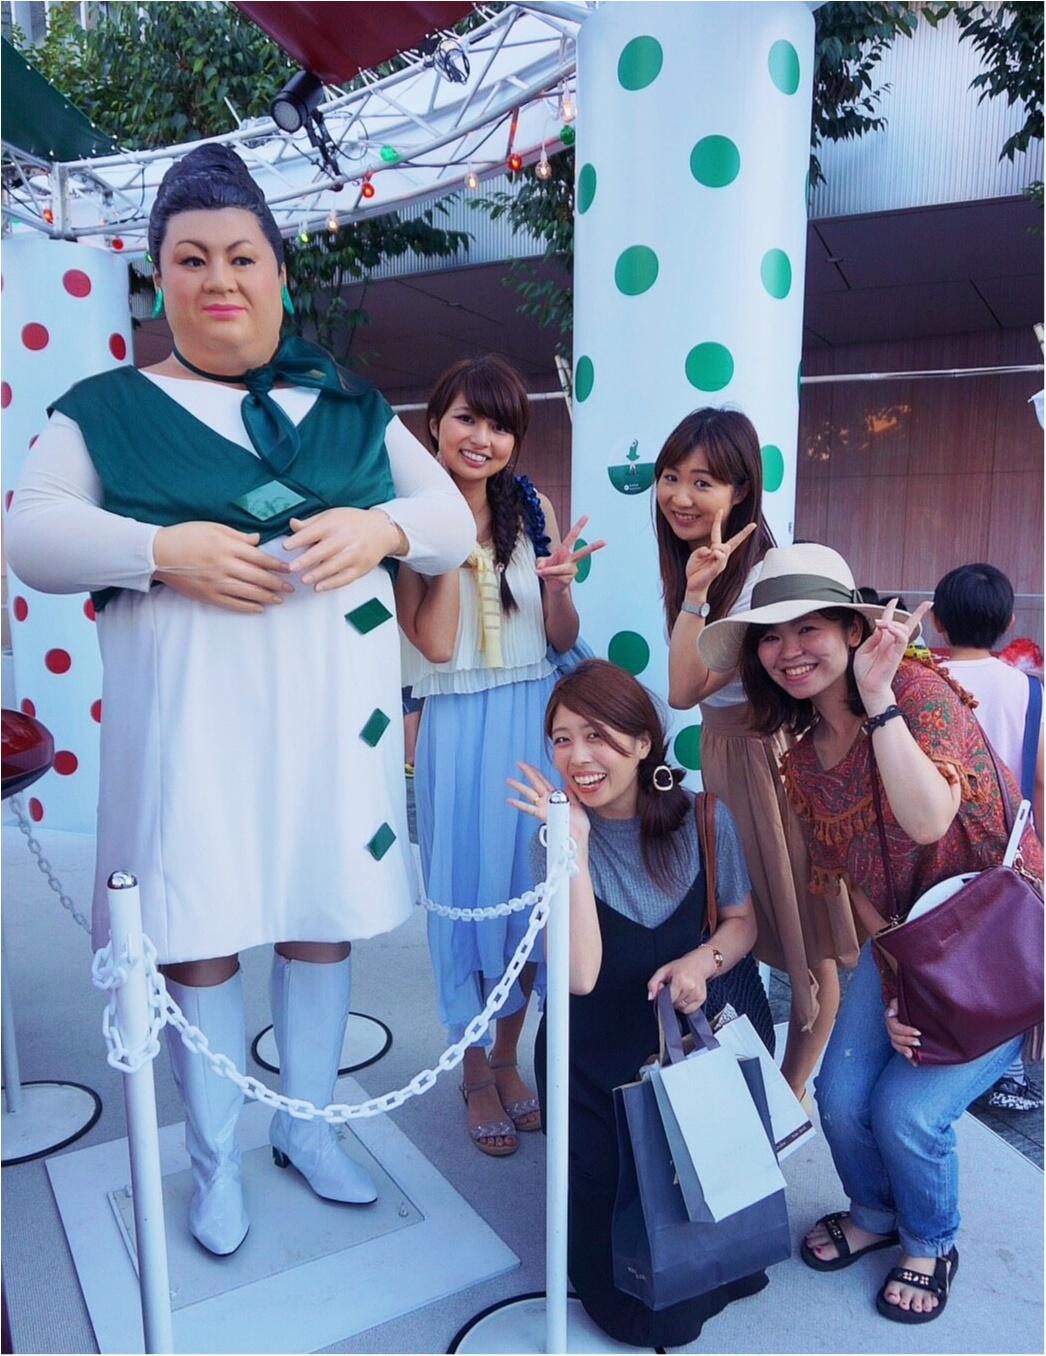 今年の夏はヒルズでジブリ!モアハピメンバーと過ごす夏休み♡カキ氷も☻_2